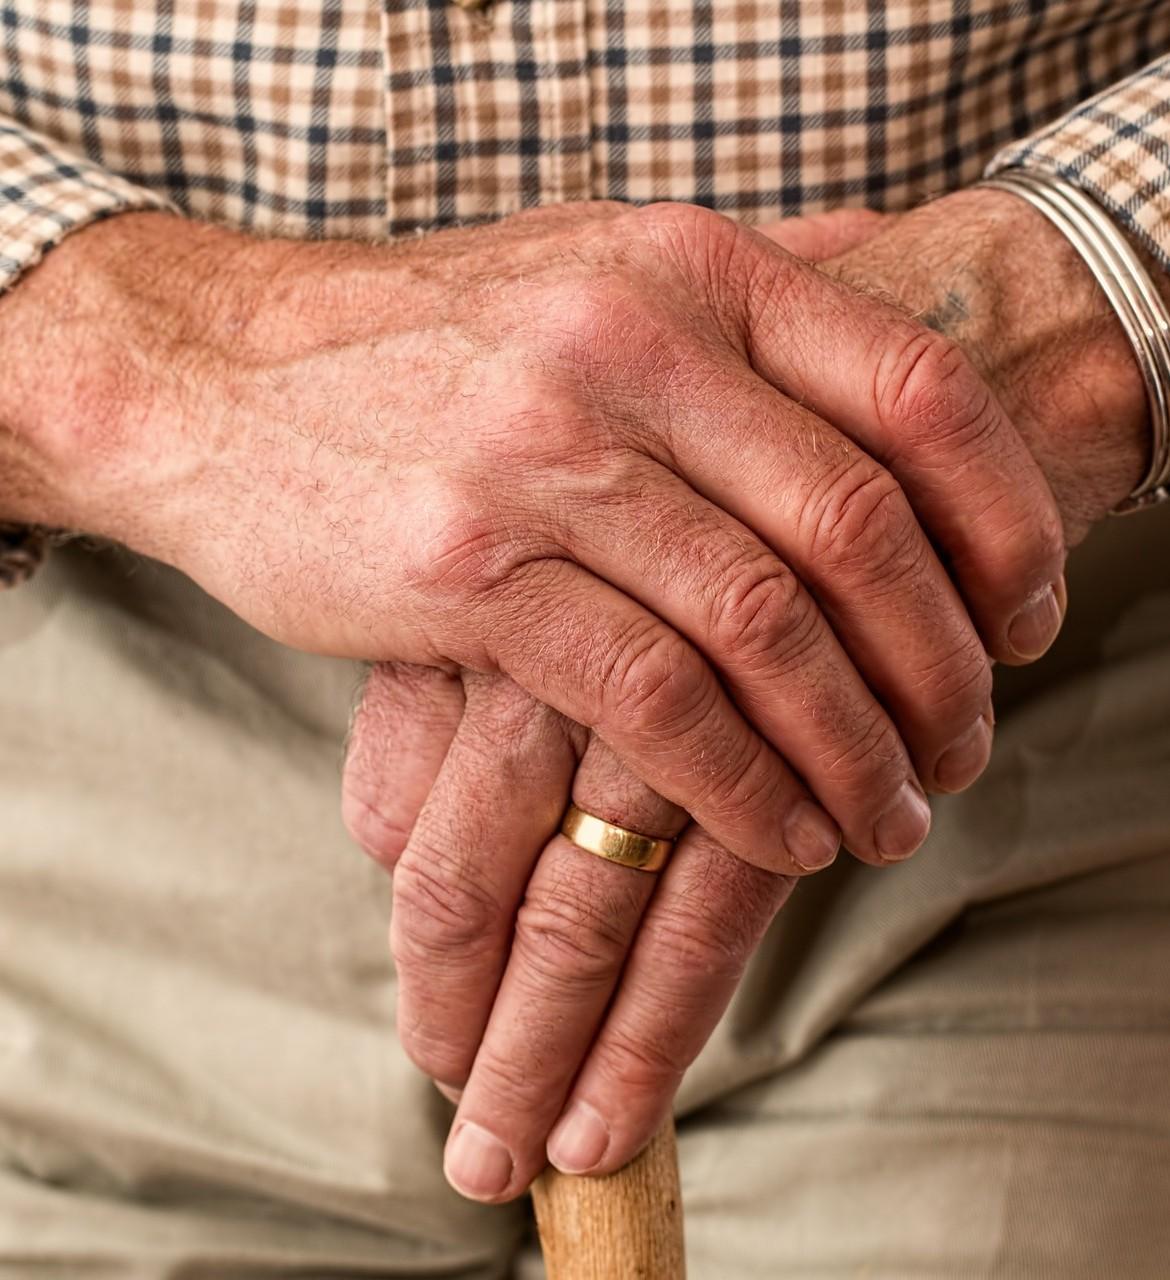 hands-981400_1920-1170×1280